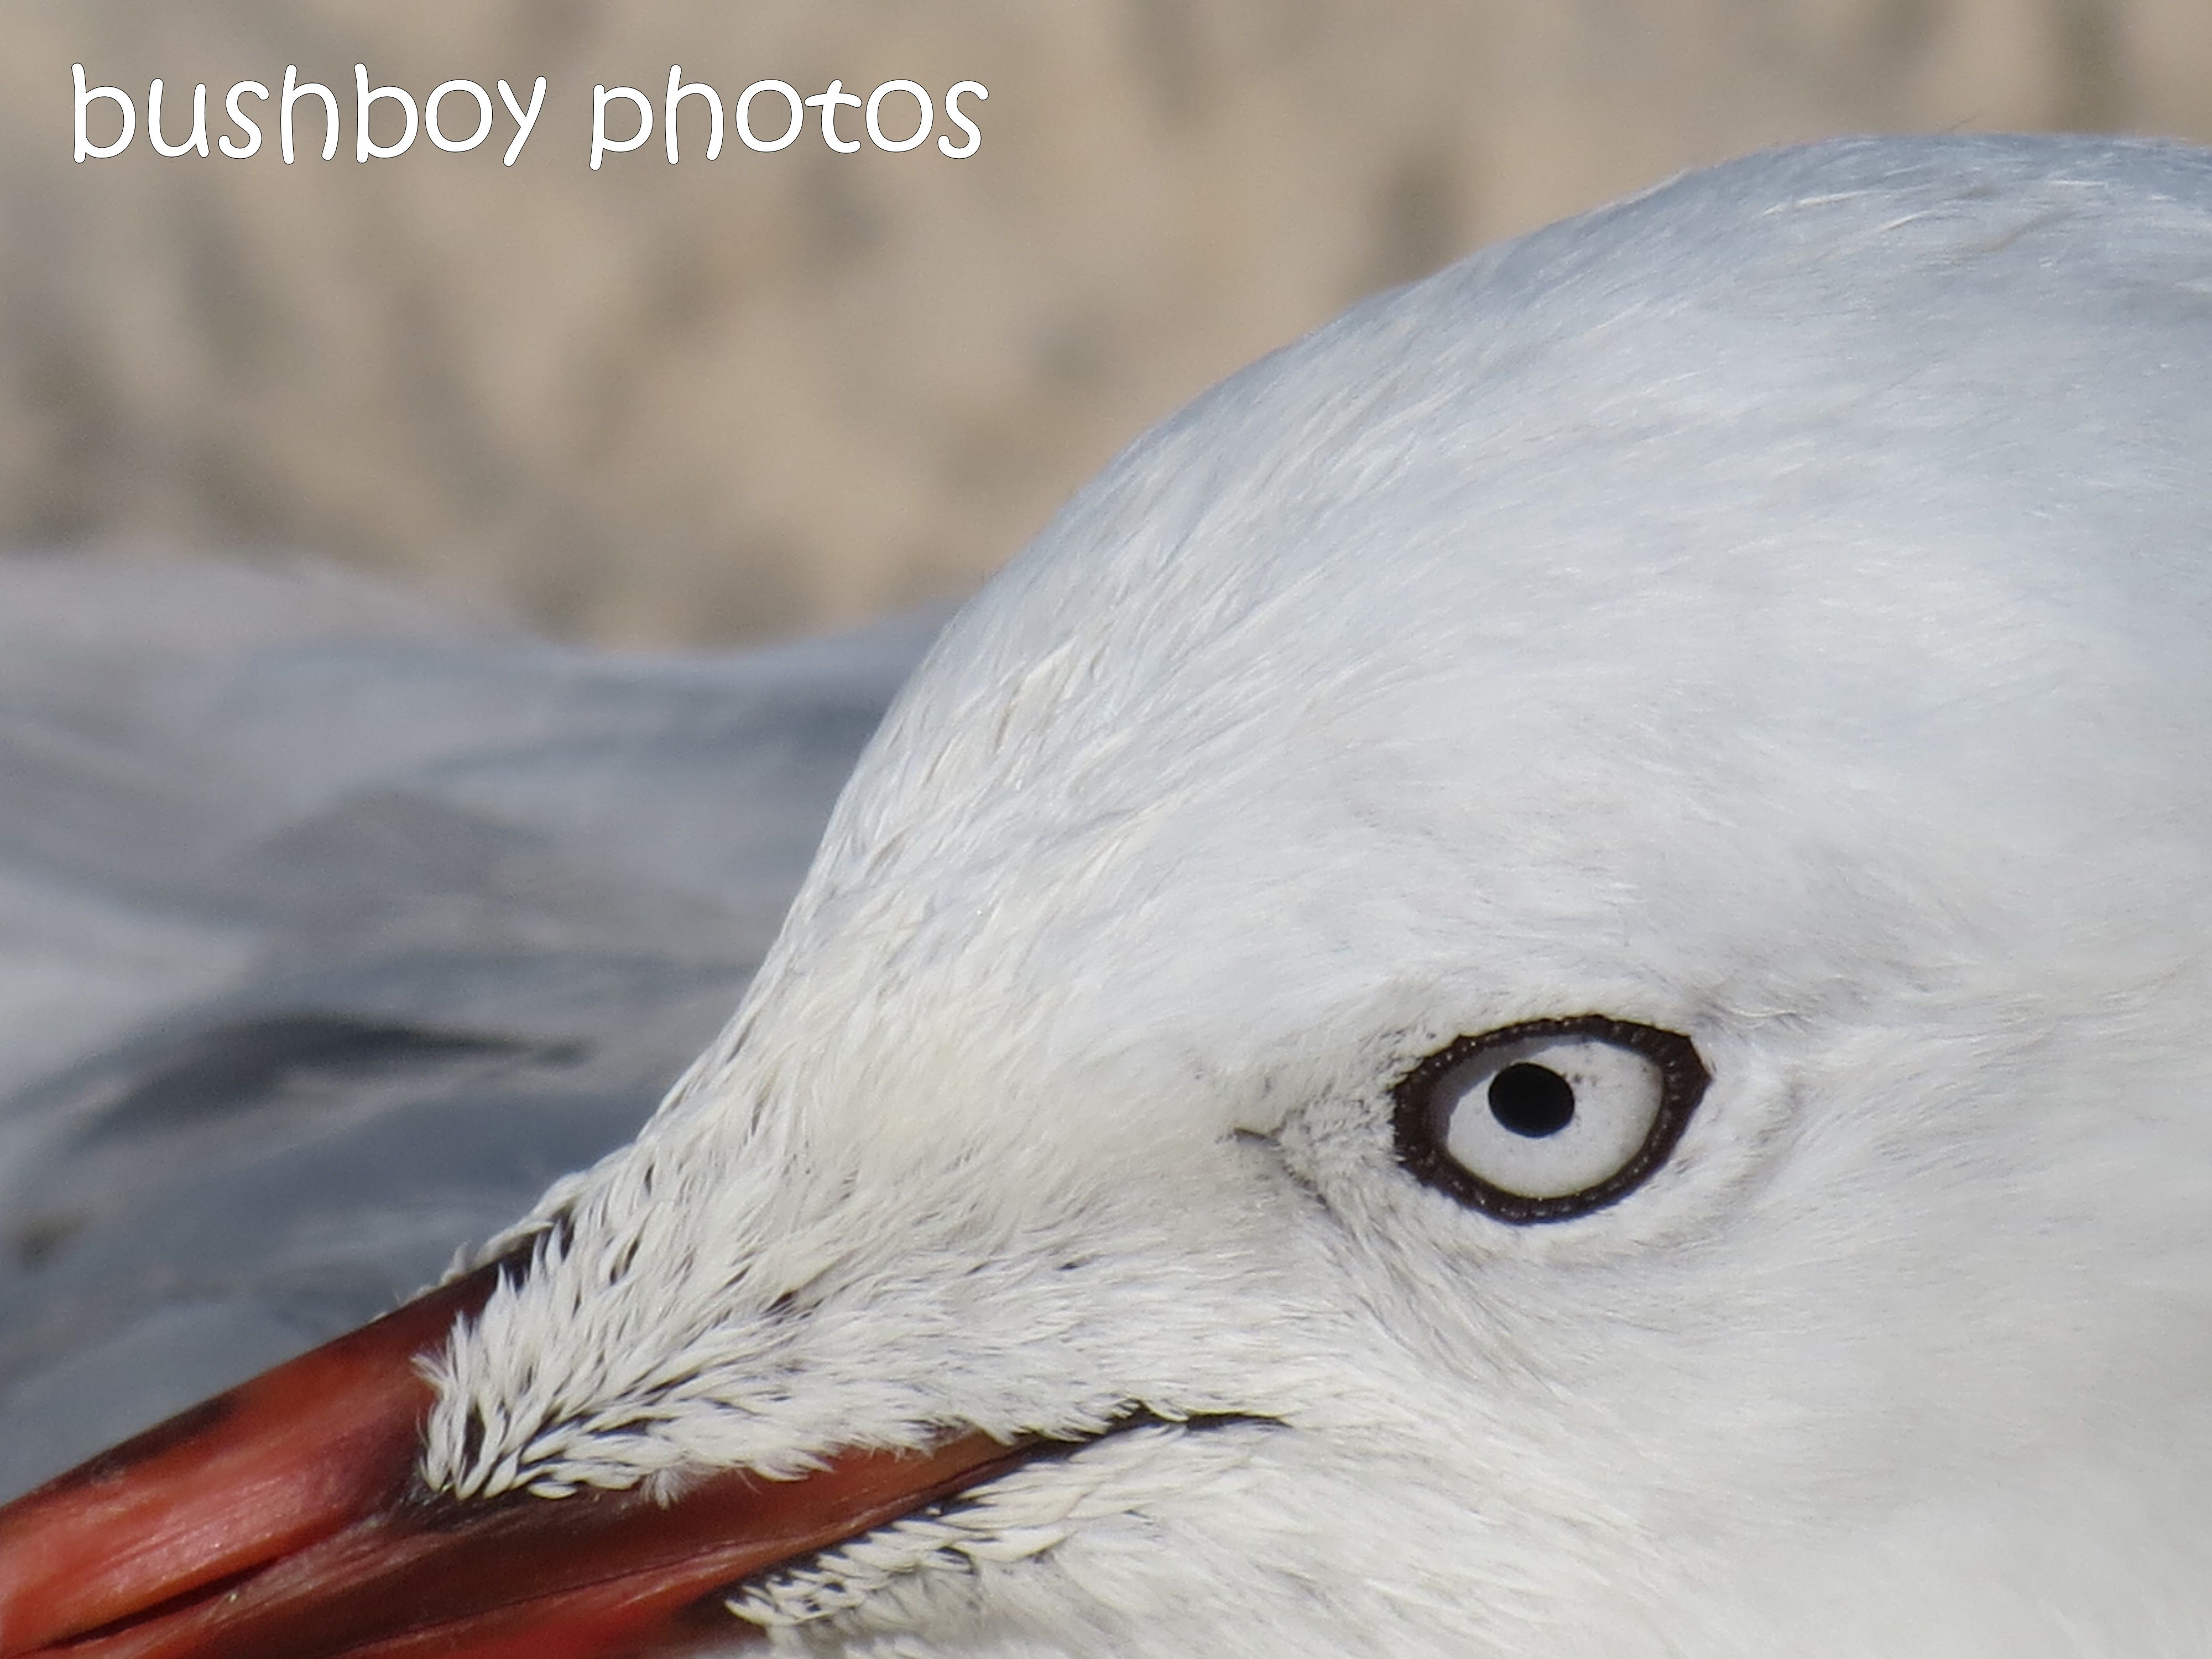 seagull01_close_ballina_named_feb 2014